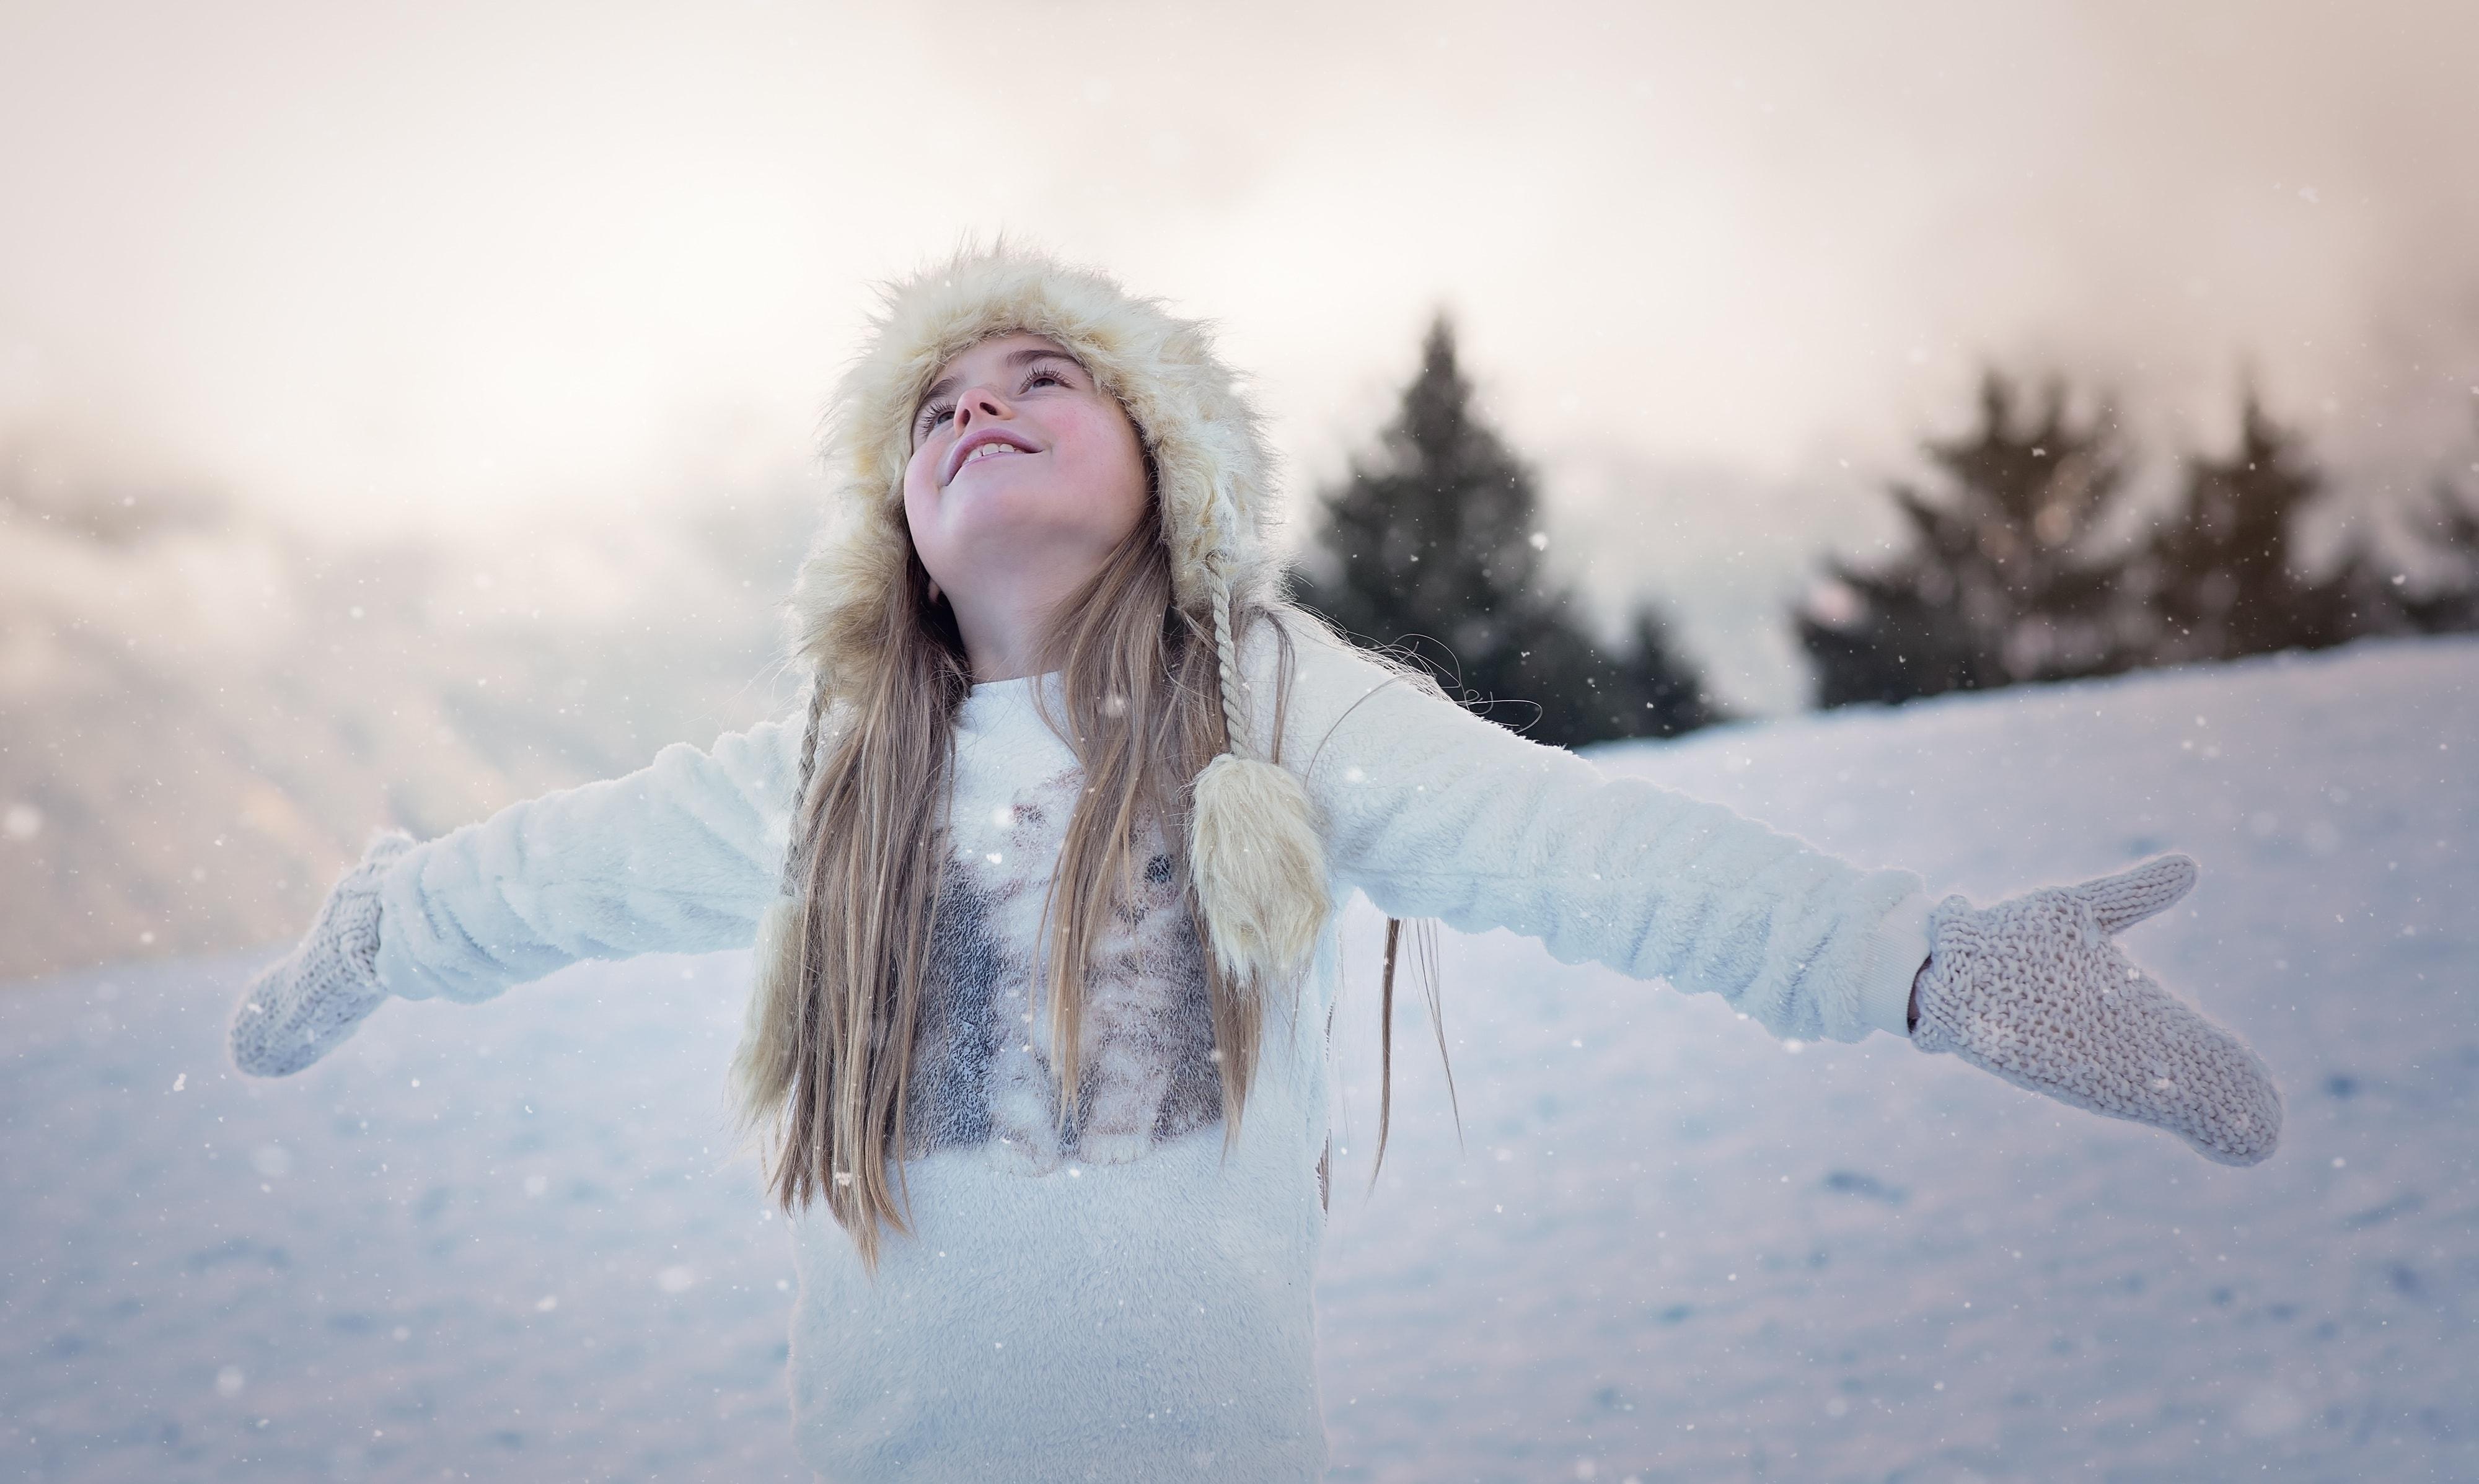 Jak przygotować się do zimowego wyjazdu z dzieckiem